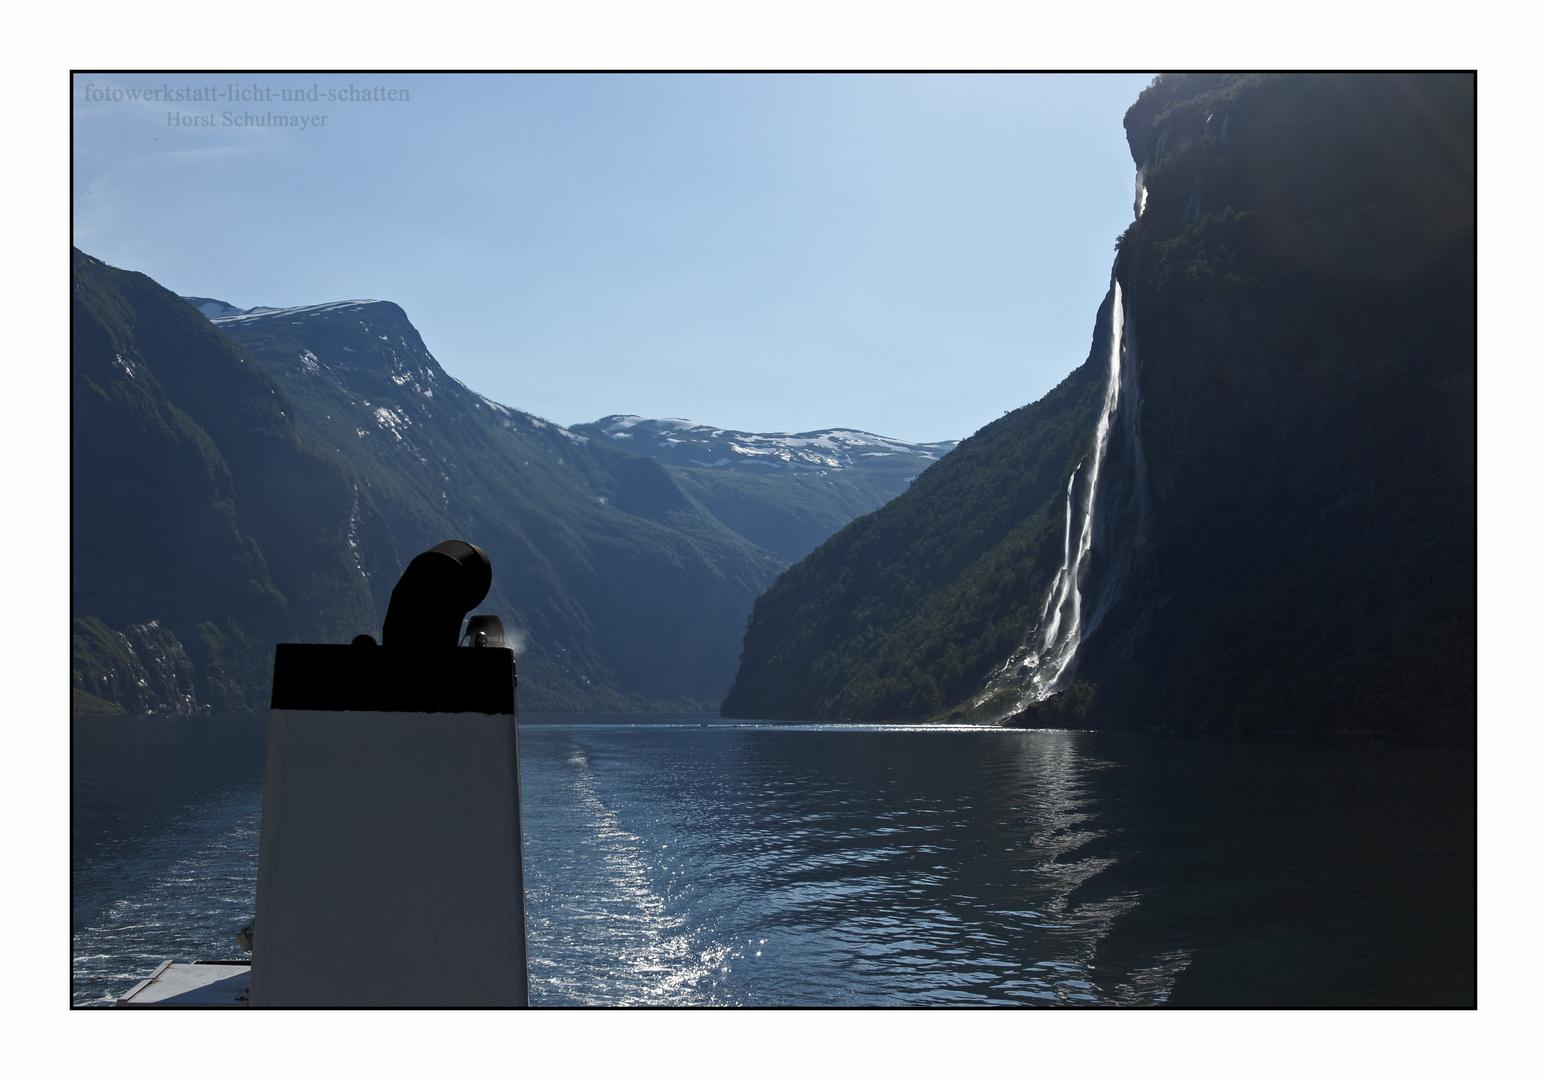 Die sieben Schwestern 2 - Geirangerfjord, Norwegen